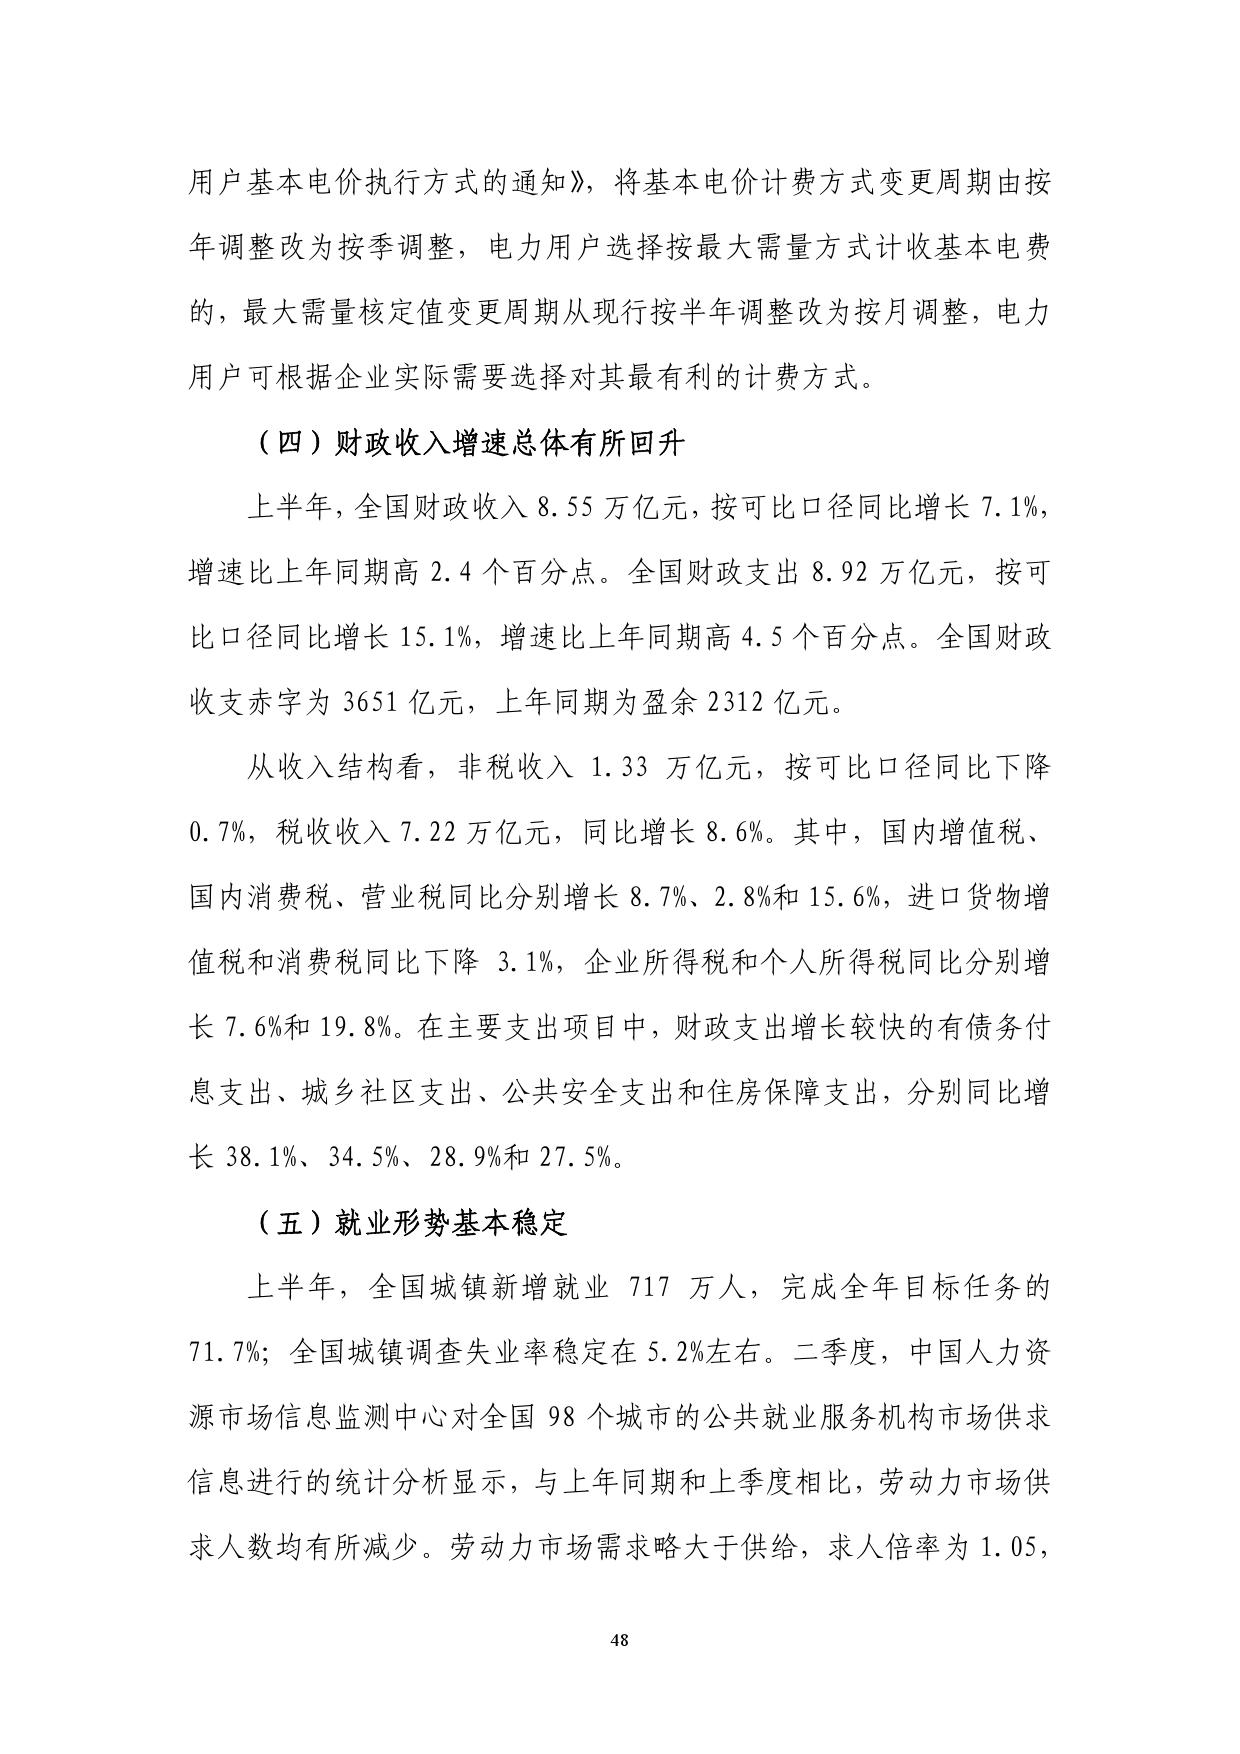 2016年Q2中国货币政策执行报告_000054